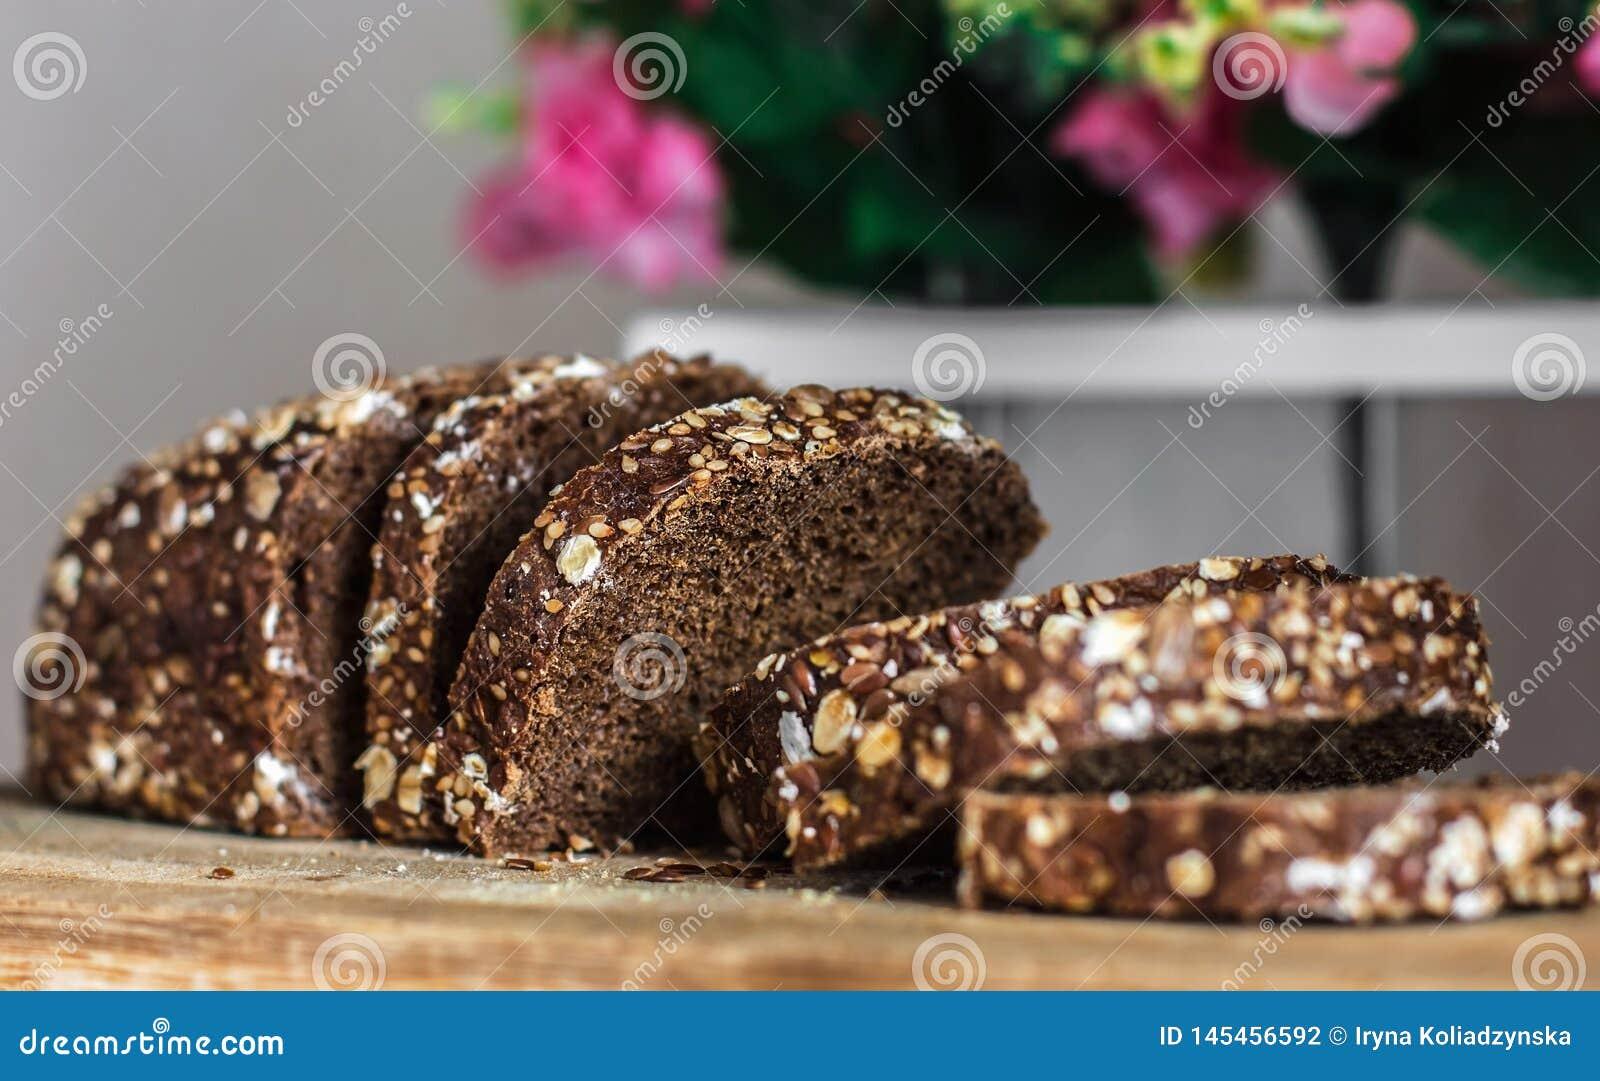 与被切的种子的黑麦面包 在老木板条的切的黑面包在花装饰的背景